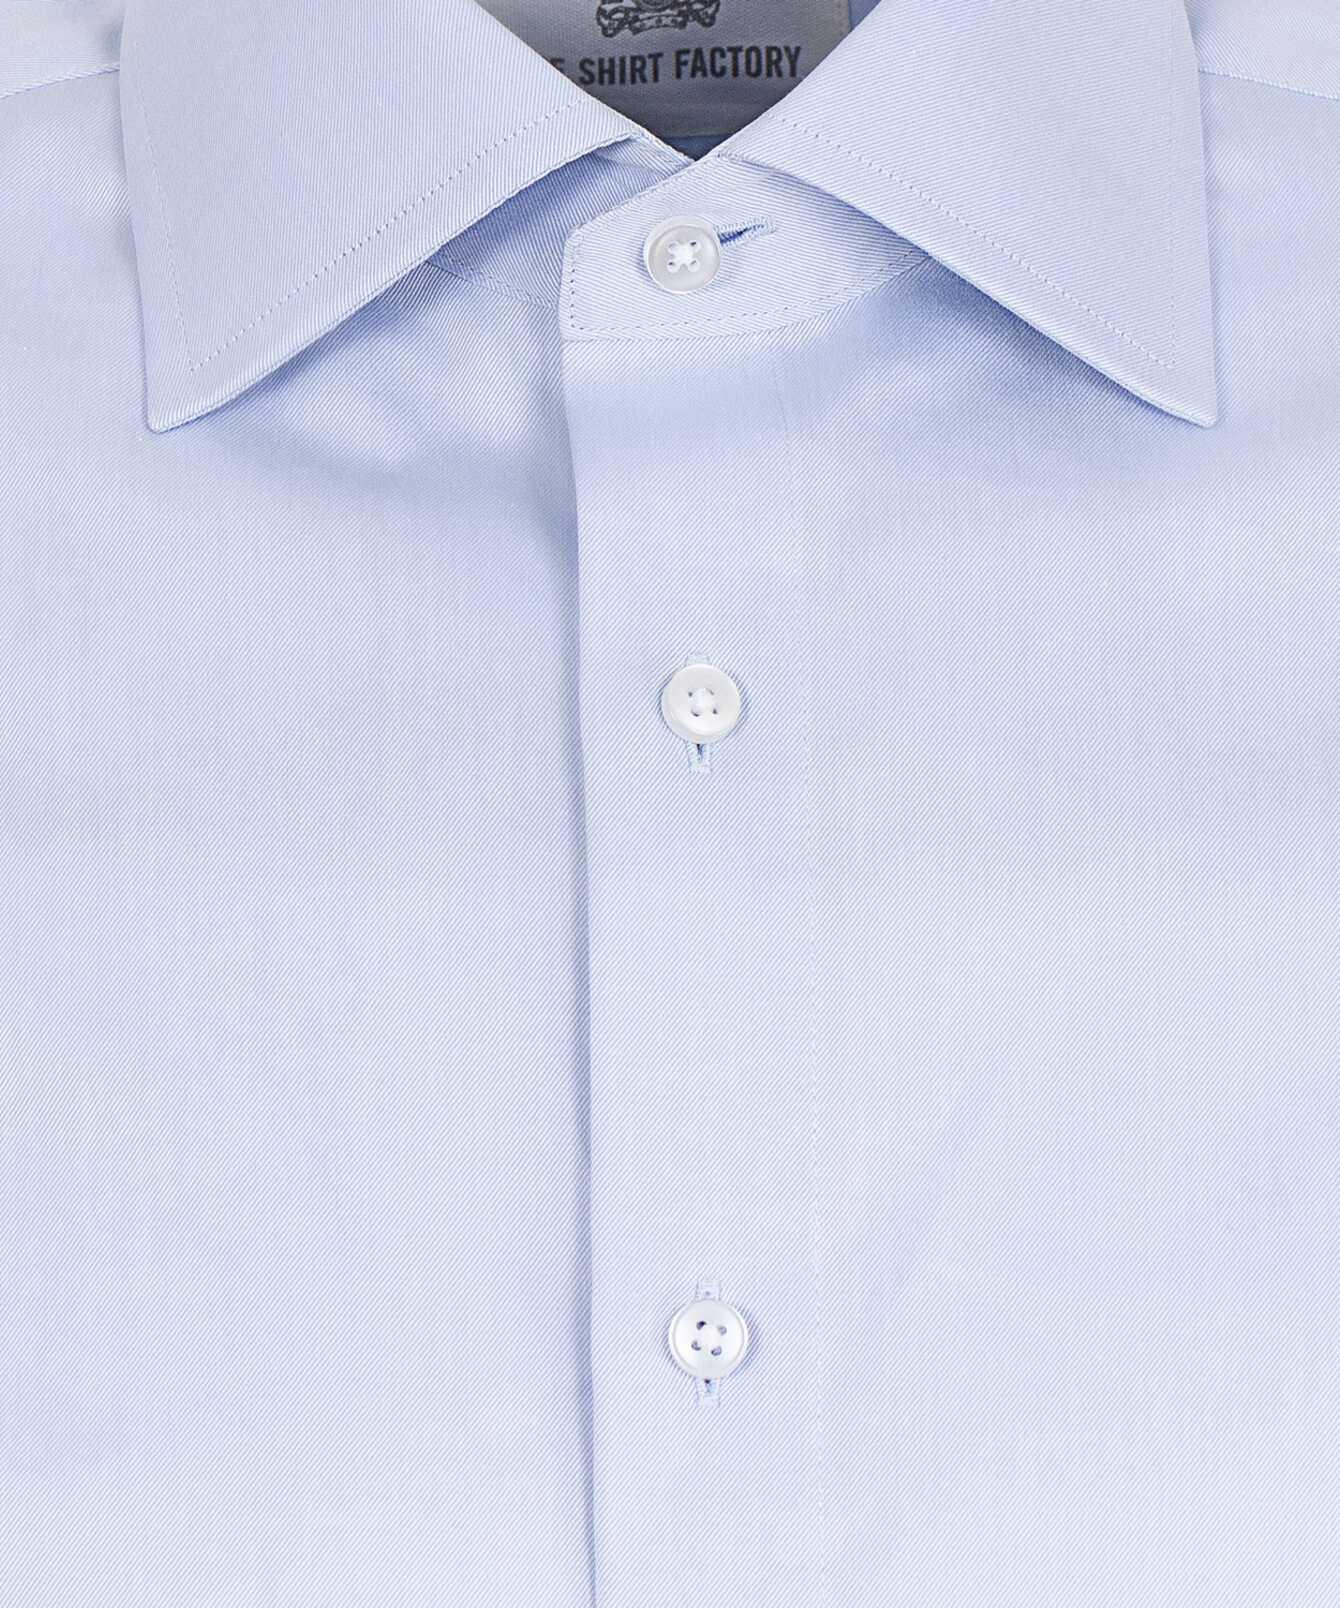 Shirt Hayward The Shirt Factory